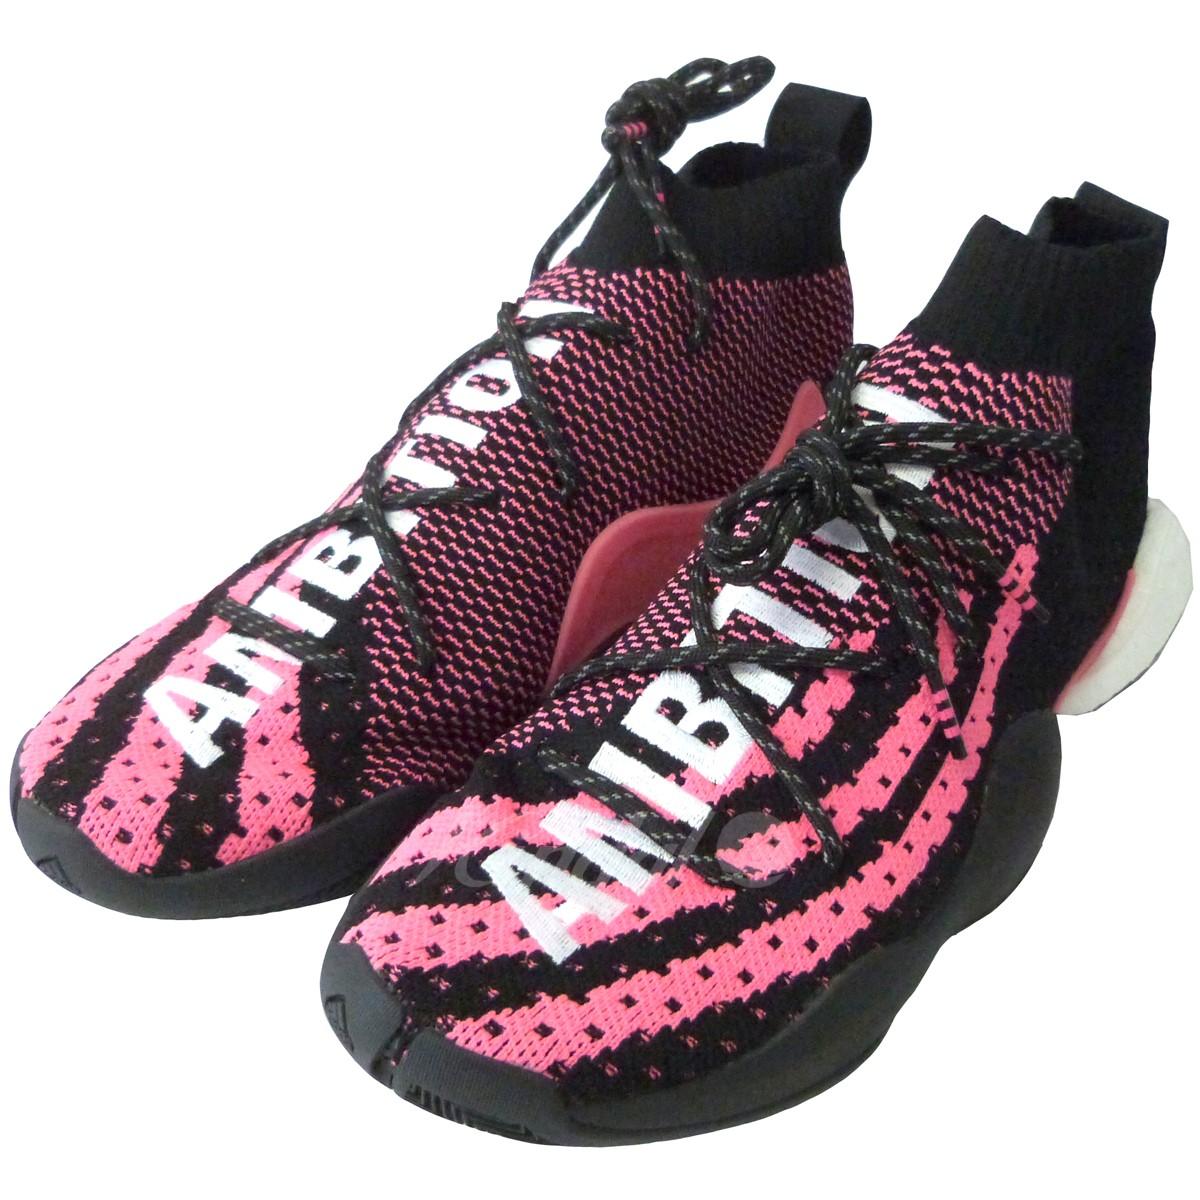 【中古】adidas originals × Pharrell Williams G28182「CRAZY BYW LVL X PW」スニーカー ブラック×ピンク サイズ:26cm 【送料無料】 【230718】(アディダス オリジナルス × ファレル ウィリアムス)